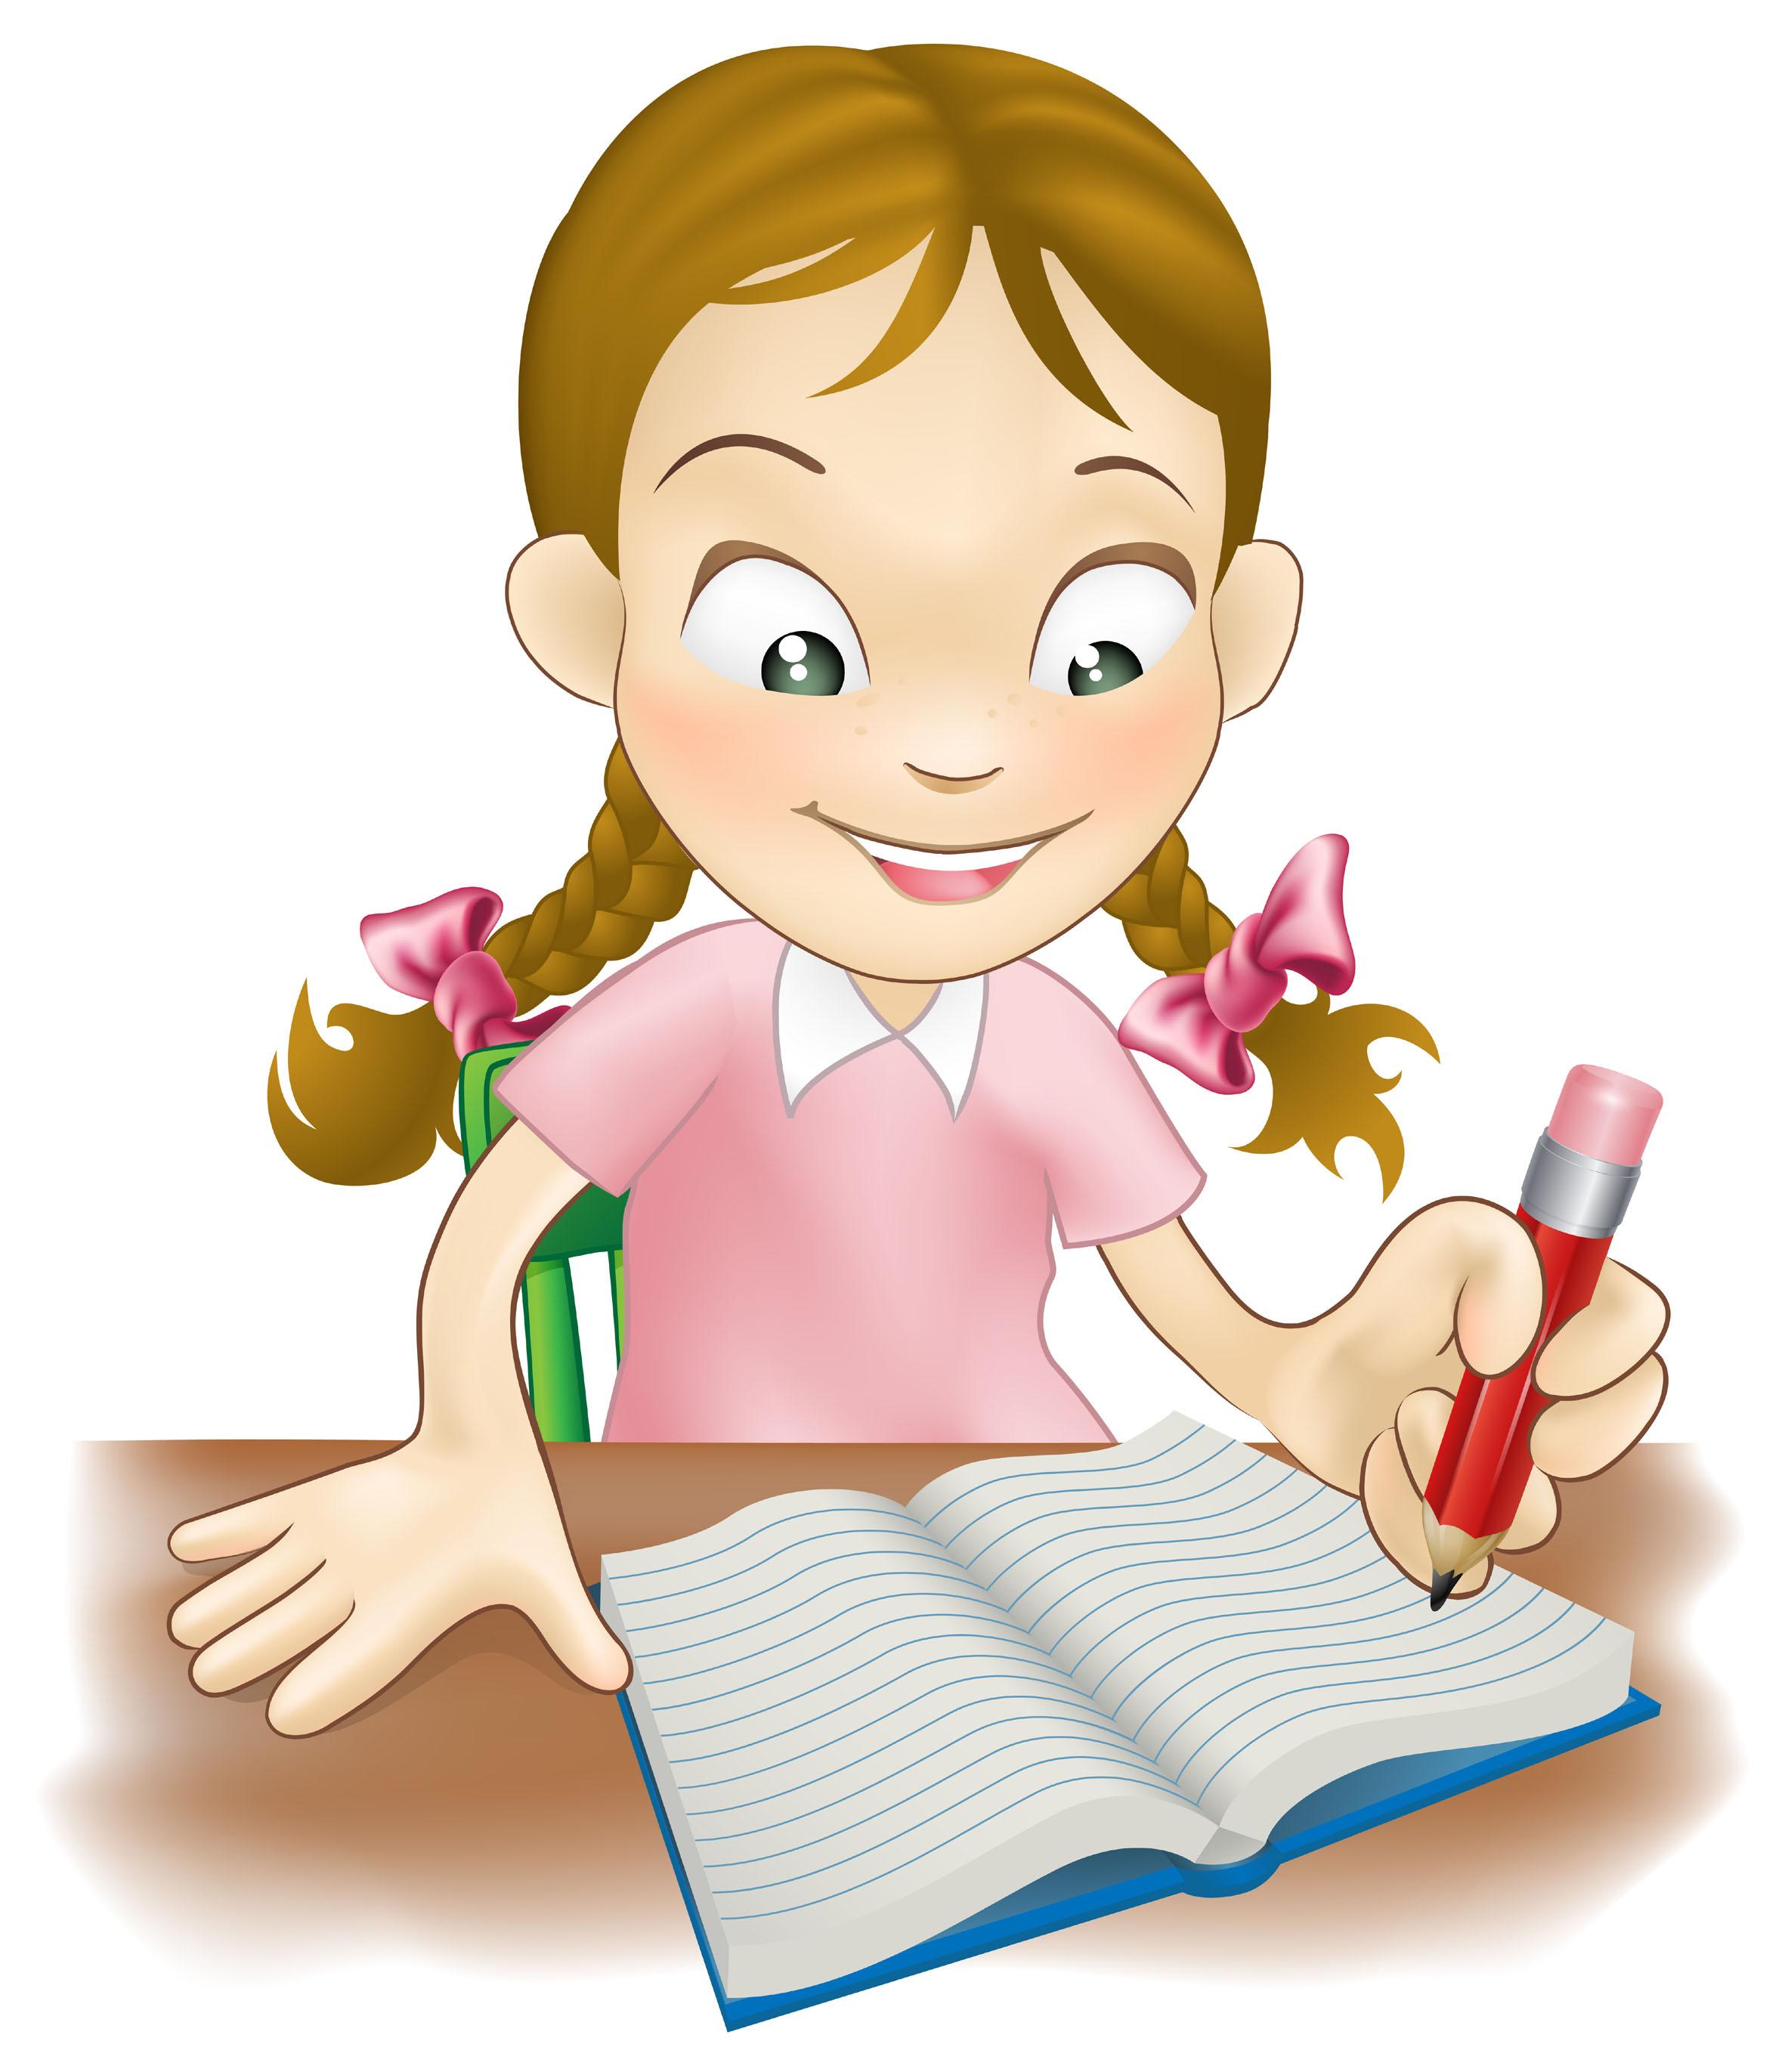 en b u00fasqueda de una luz blogs el tiempo Wonder Book On Floor Large Book Clilpart